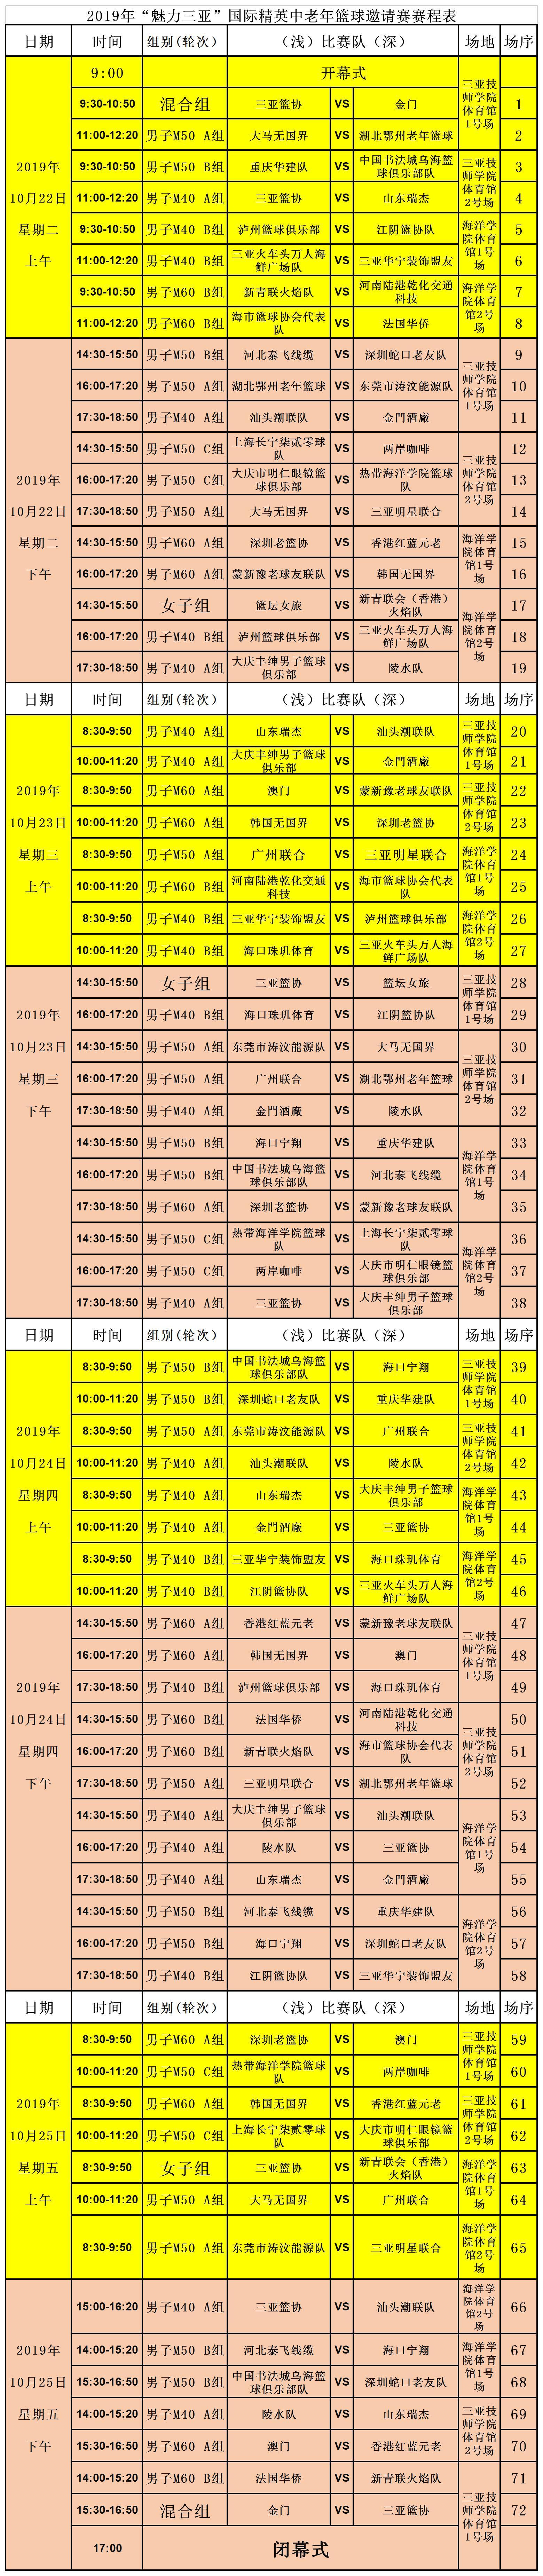 2019年魅力三亚国际精英中老年篮球邀请赛赛程表